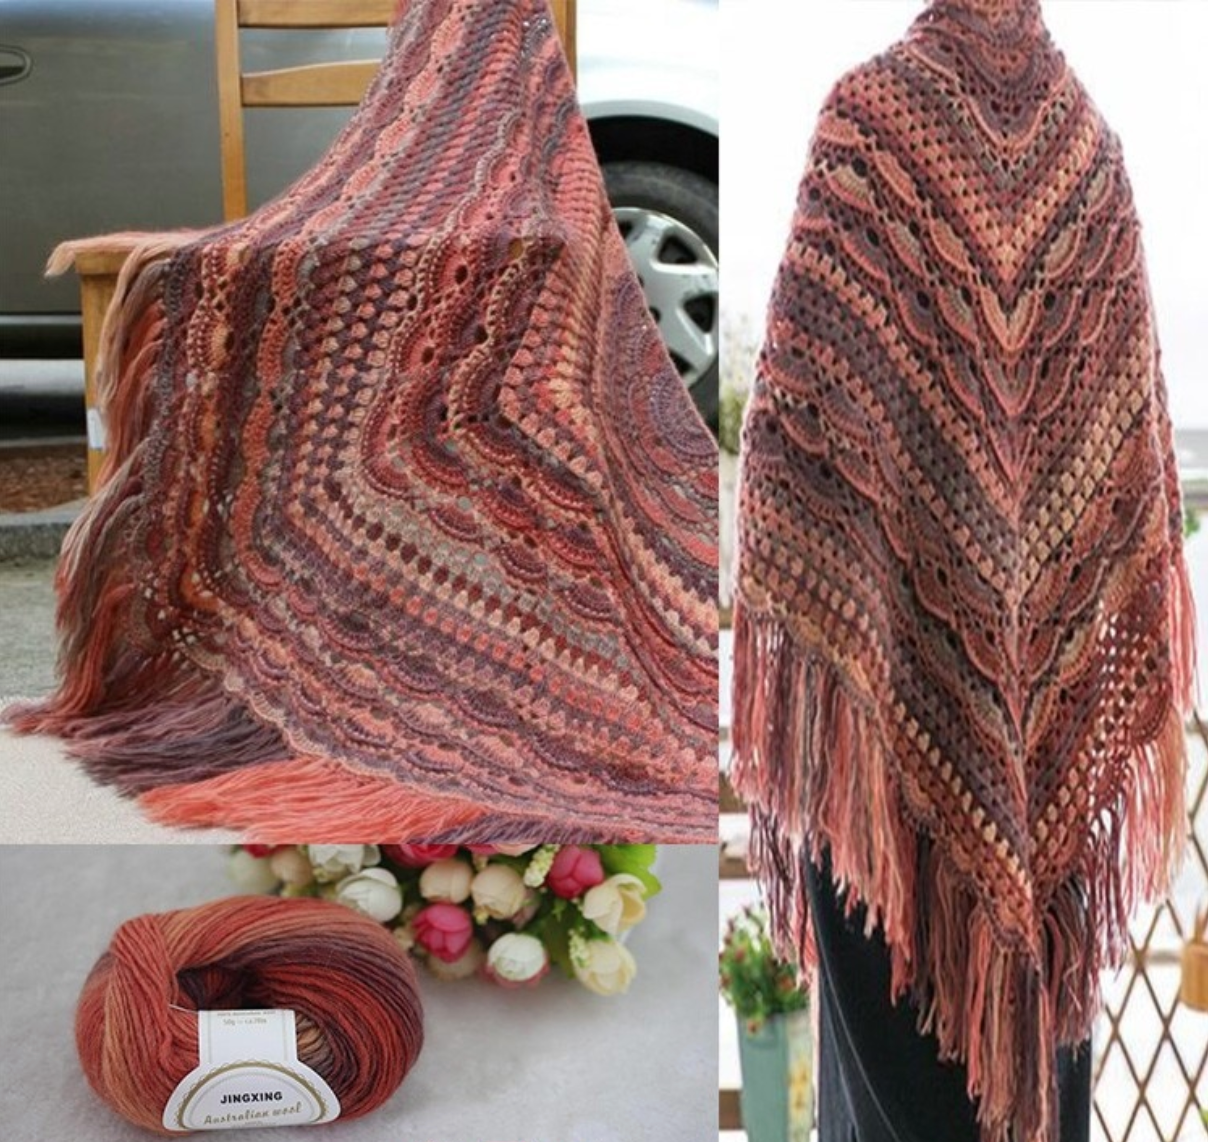 Winter Shawl from 100% Australian Wool.